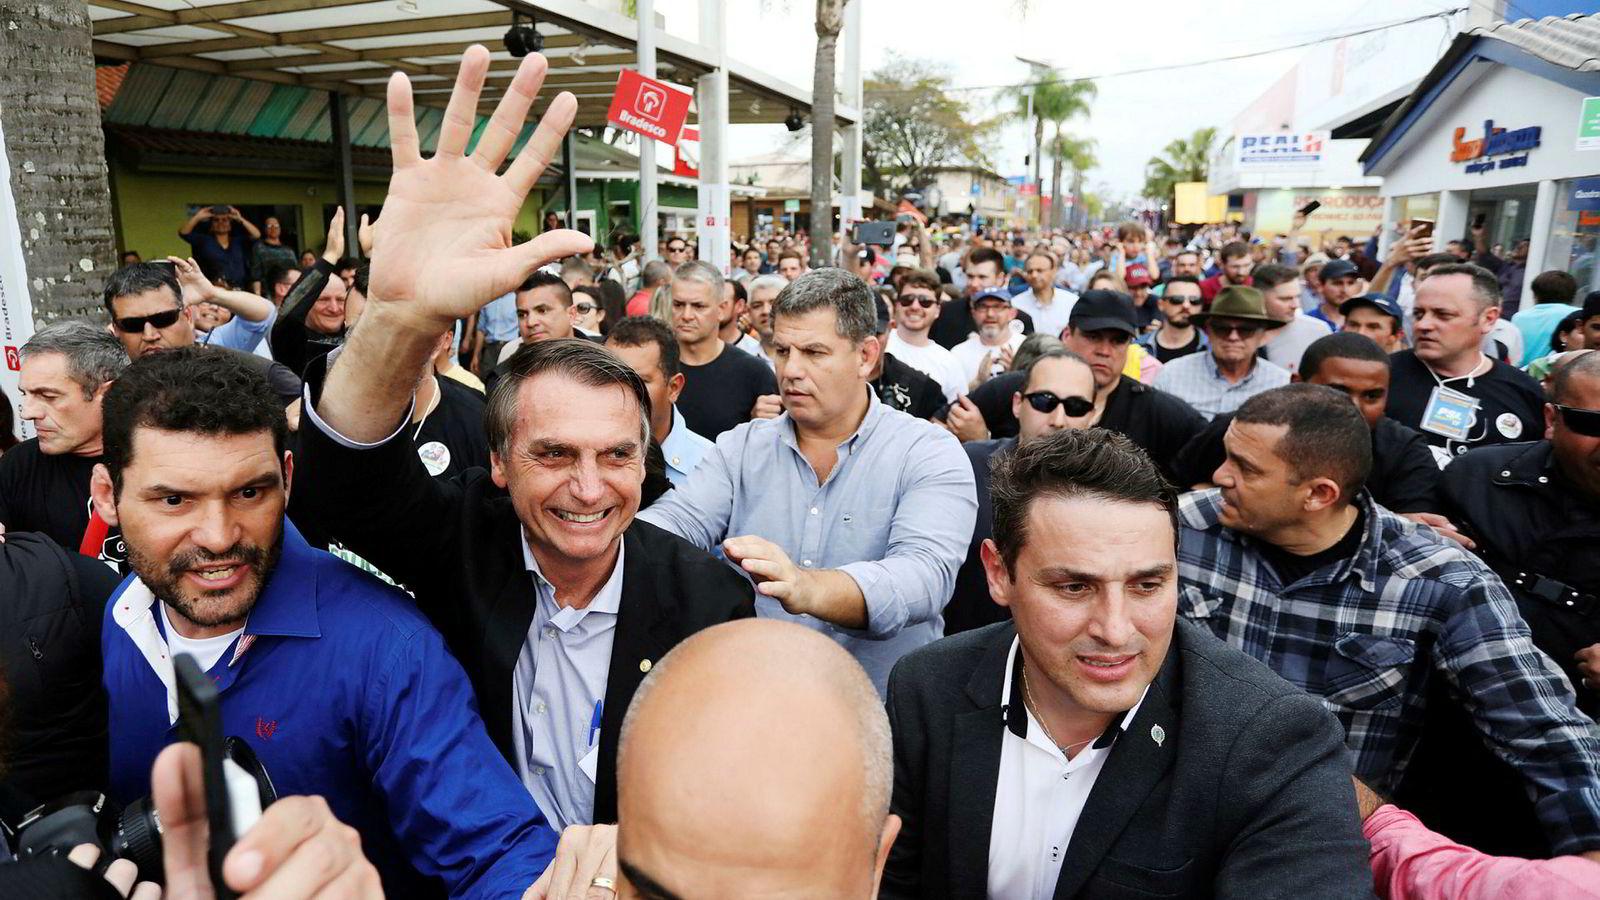 Det er naivt å tro at Brasil-Norge relasjonene vil være upåvirket dersom alle sider av Bolsonaros politikk gjennomføres. Samarbeidet om klima og regnskog synes å være særlig utsatt. Her Brasils kommende president Jair Bolsonaro som hilser til folket.